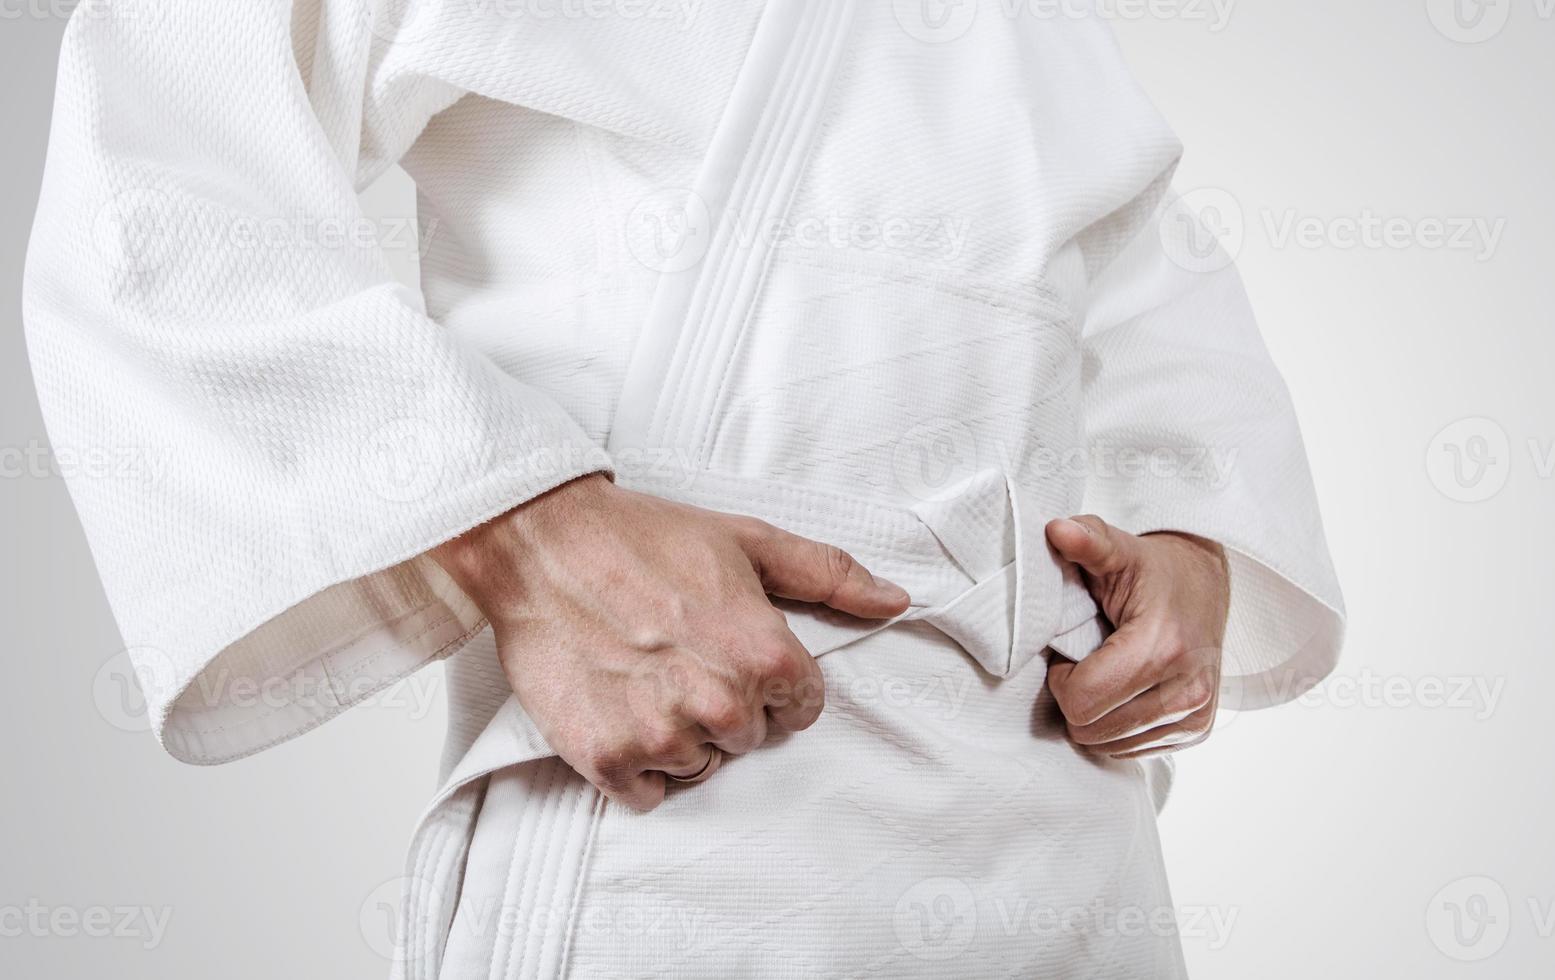 Tying kimono belt close up image photo